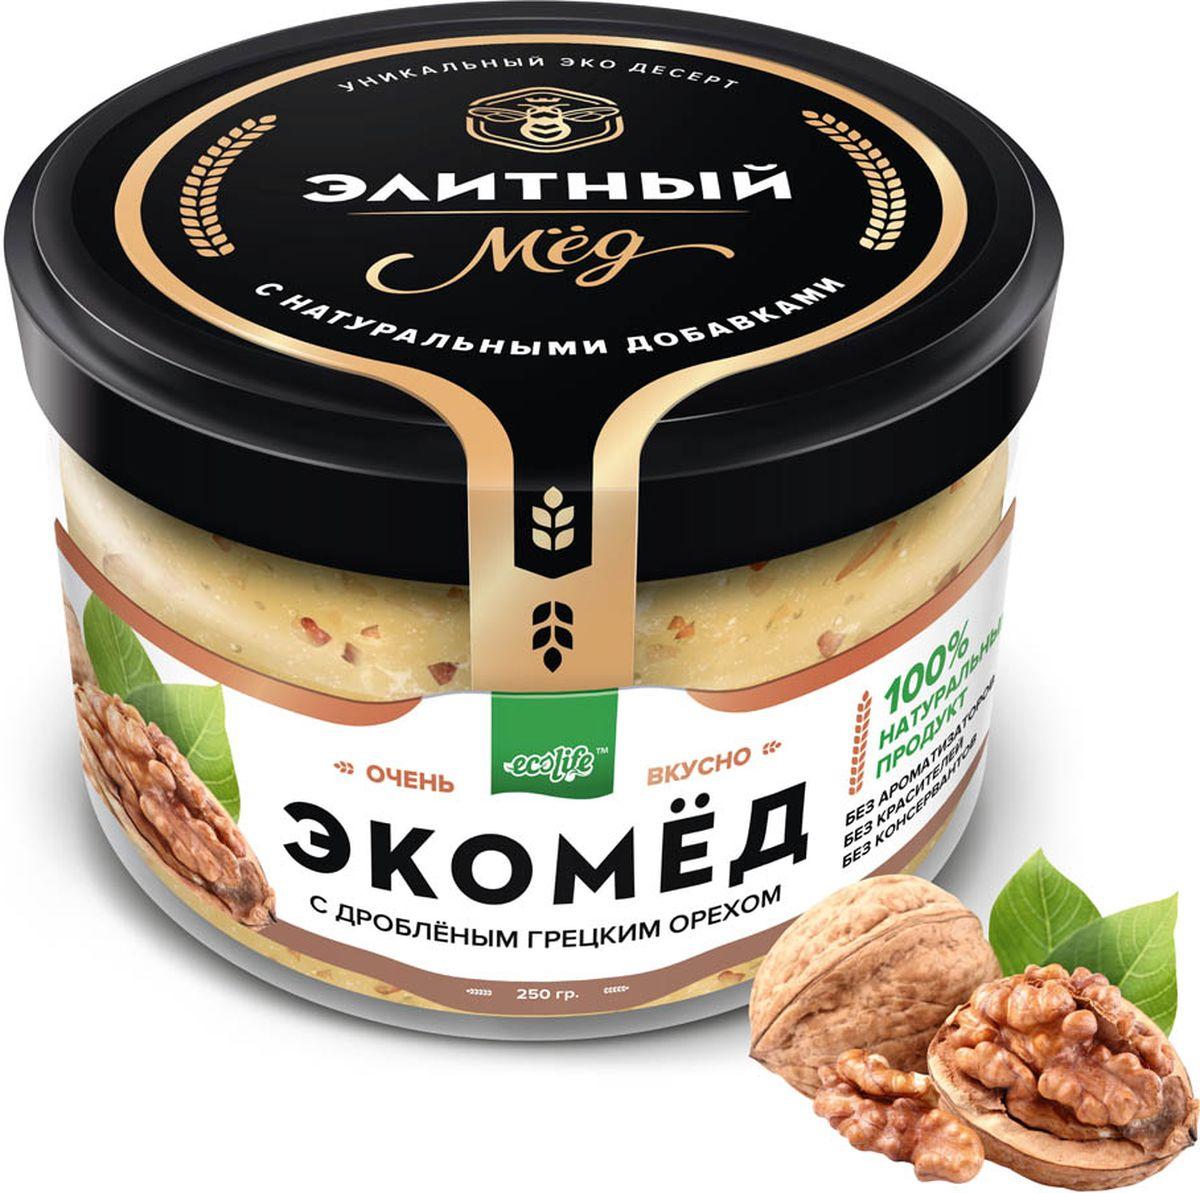 Ecolife Экомед с грецким орехом, 250 г0120710100% натуральный экопродукт, имеющий в составе только натуральные ингредиенты. При изготовлении не используется дешевый подсолнечный мёд. Мед не нагревается, сохраняются все его полезные свойства. Экомёд не имеет эффекта расслаивания.